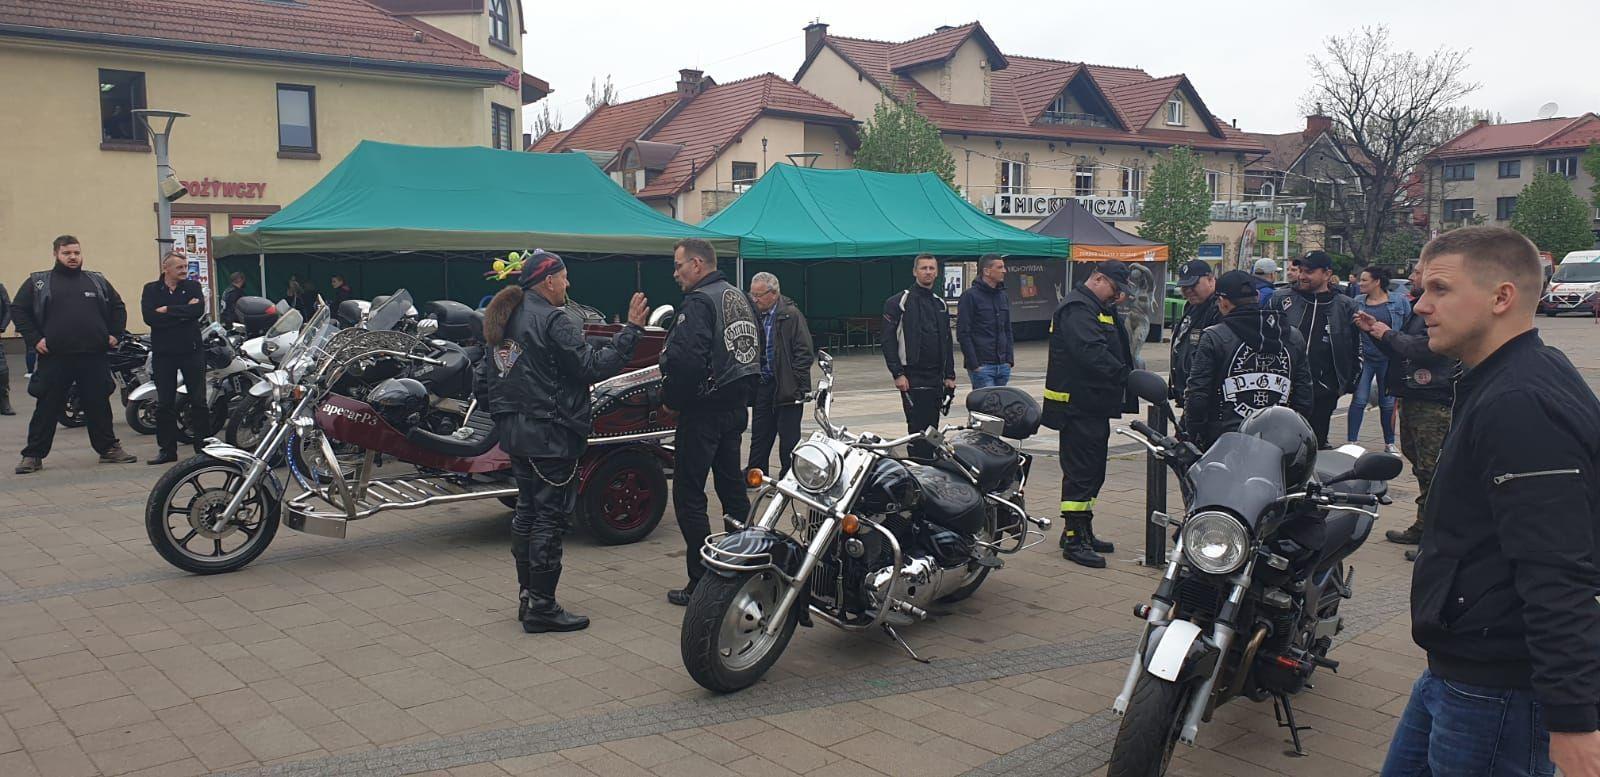 Motocykliści zorganizowali akcję krwiodawstwa na placu Mickiewicza